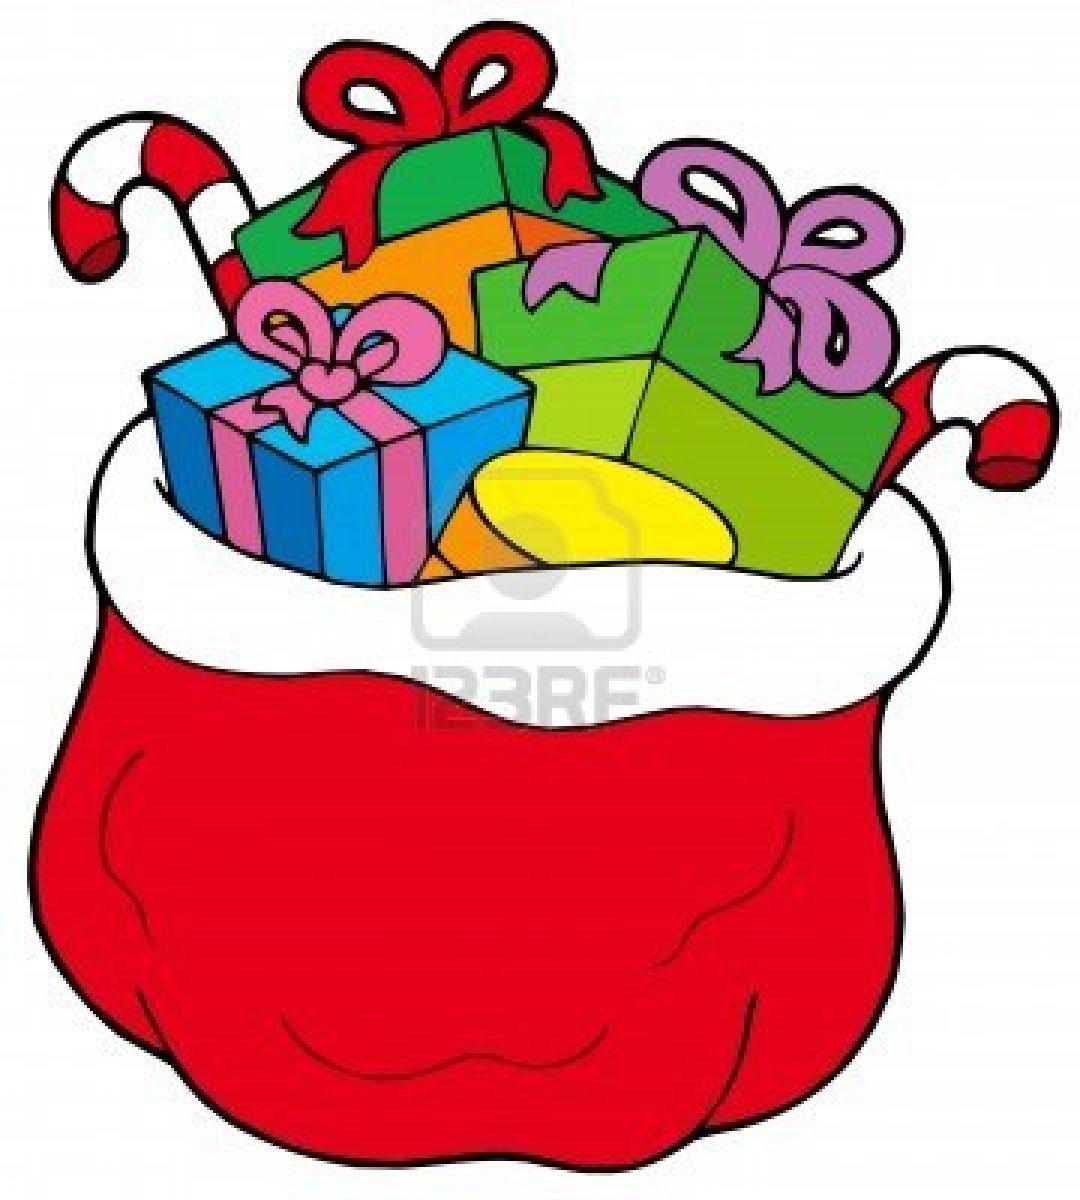 Dessins En Couleurs À Imprimer : Cadeau De Noël, Numéro : 76462 avec Dessin De Noel En Couleur A Imprimer